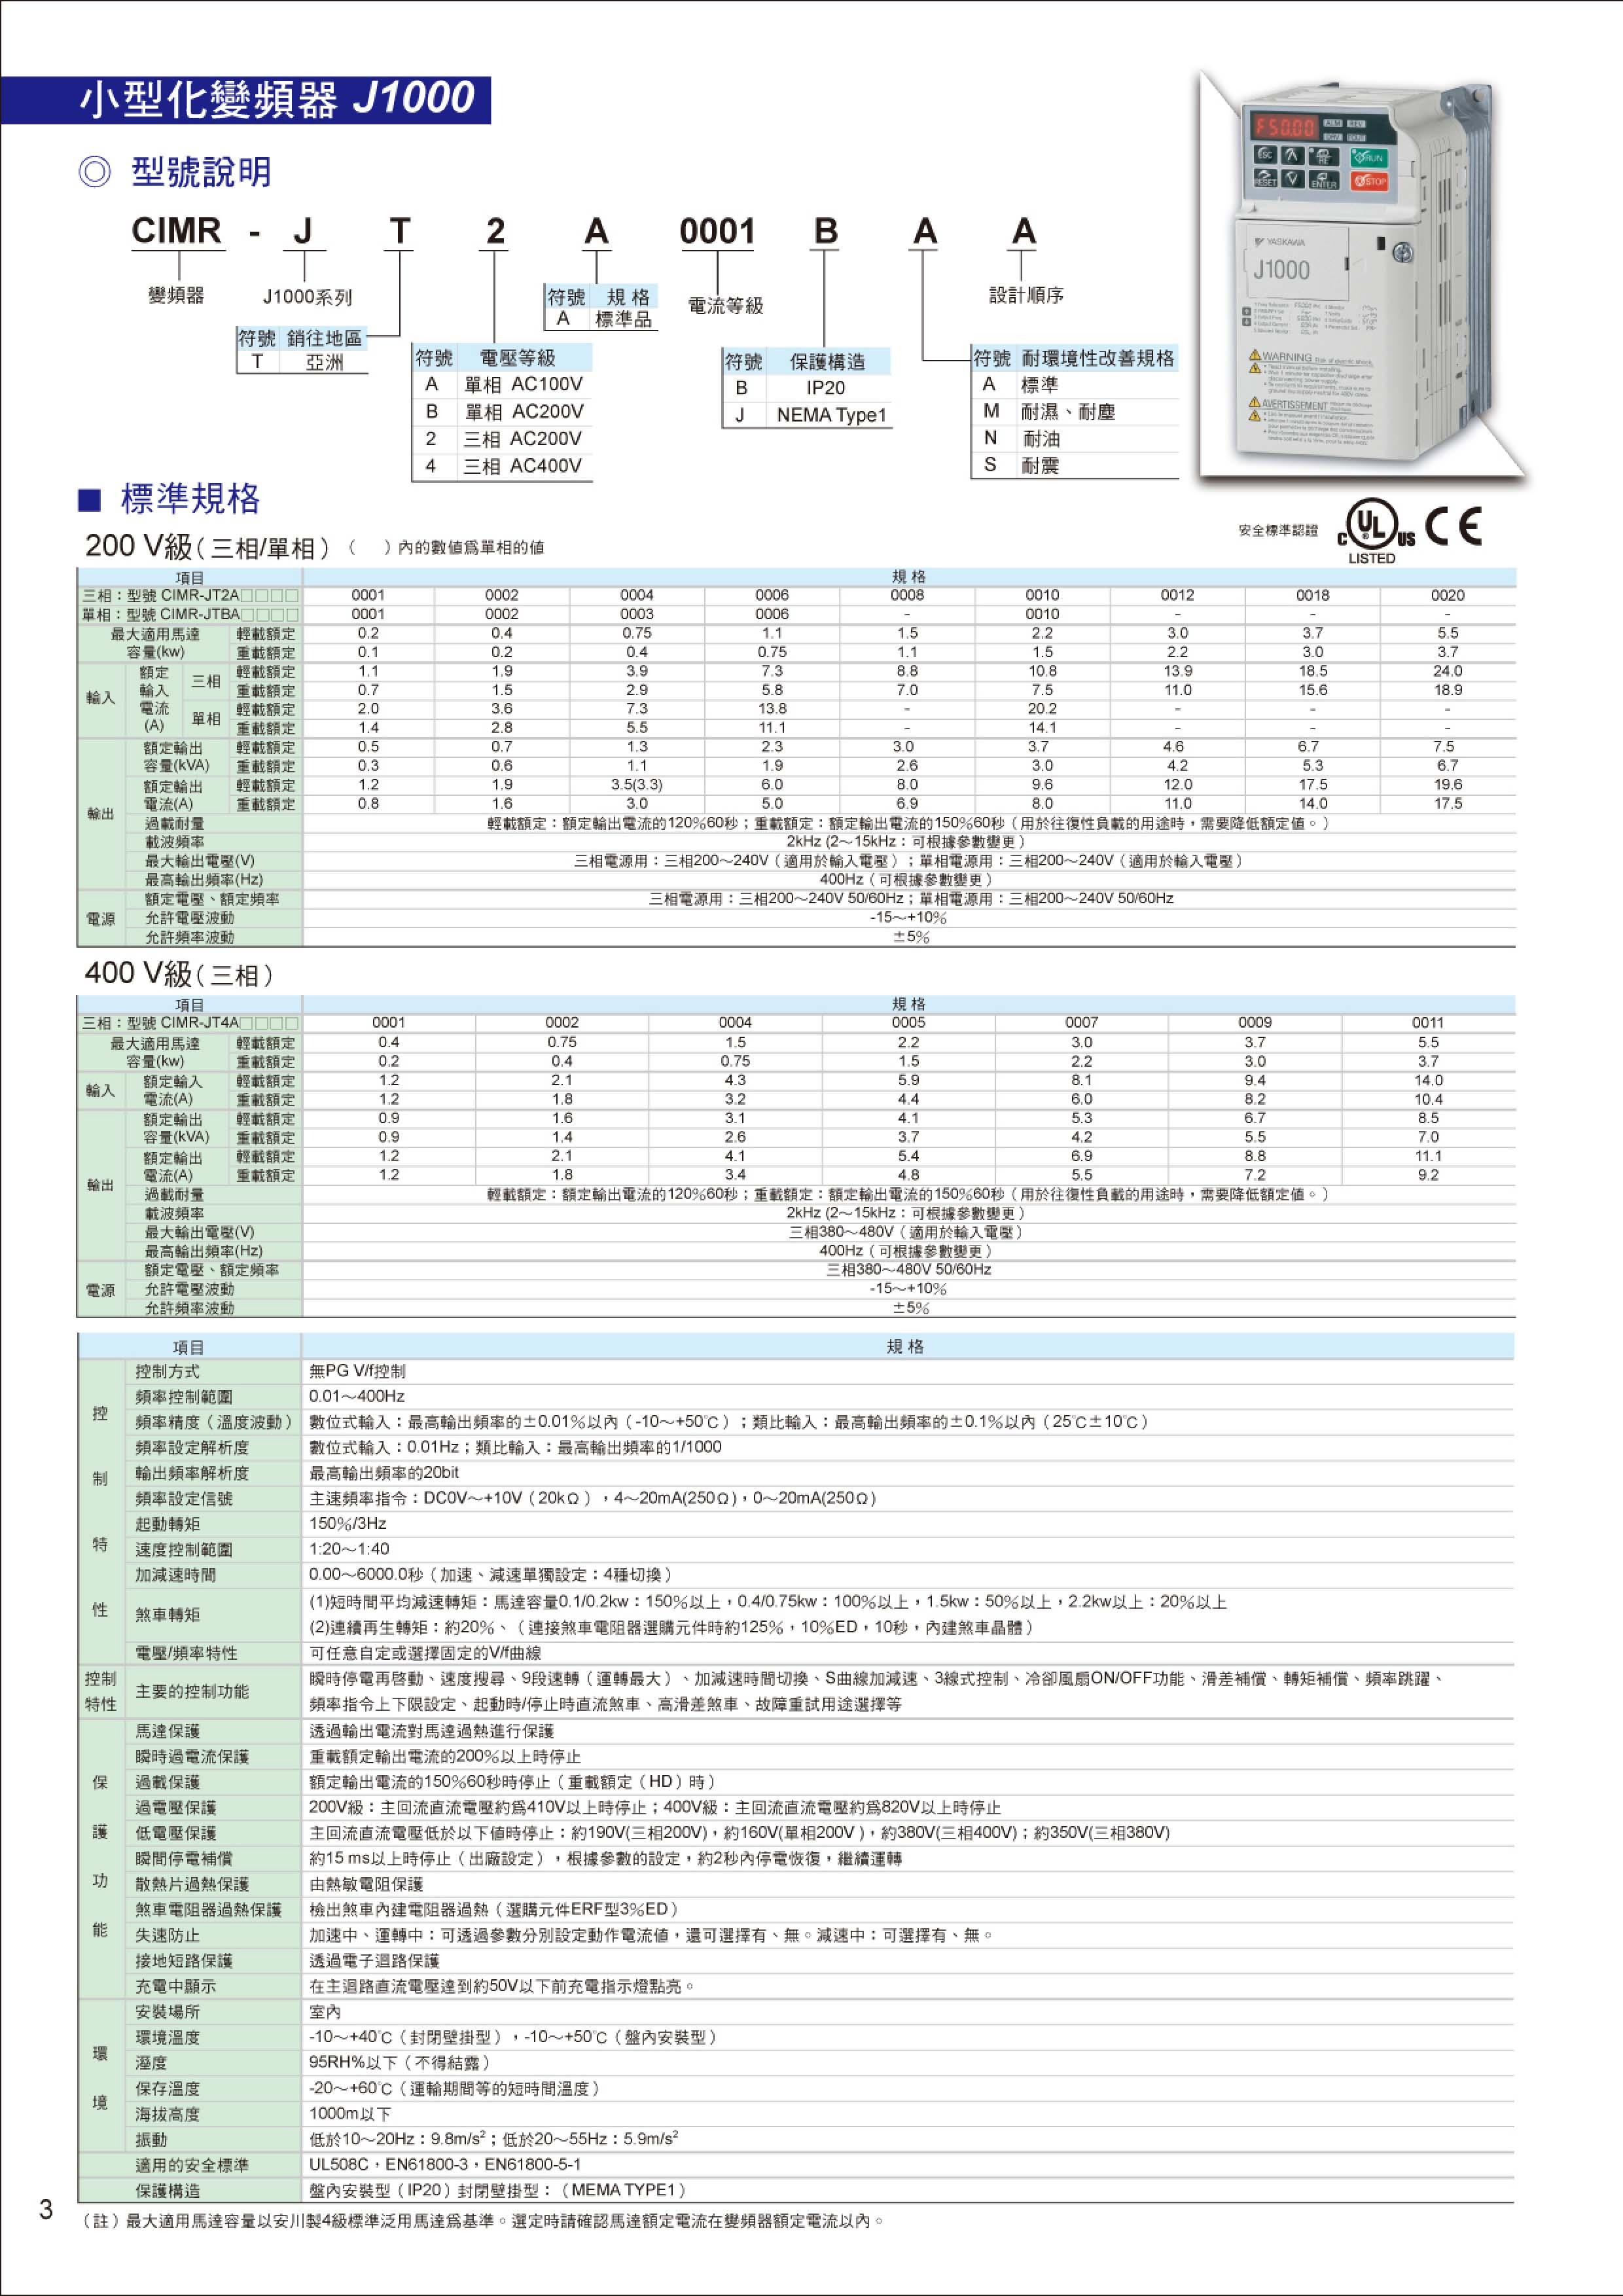 安川變頻器型錄-2012-07-4